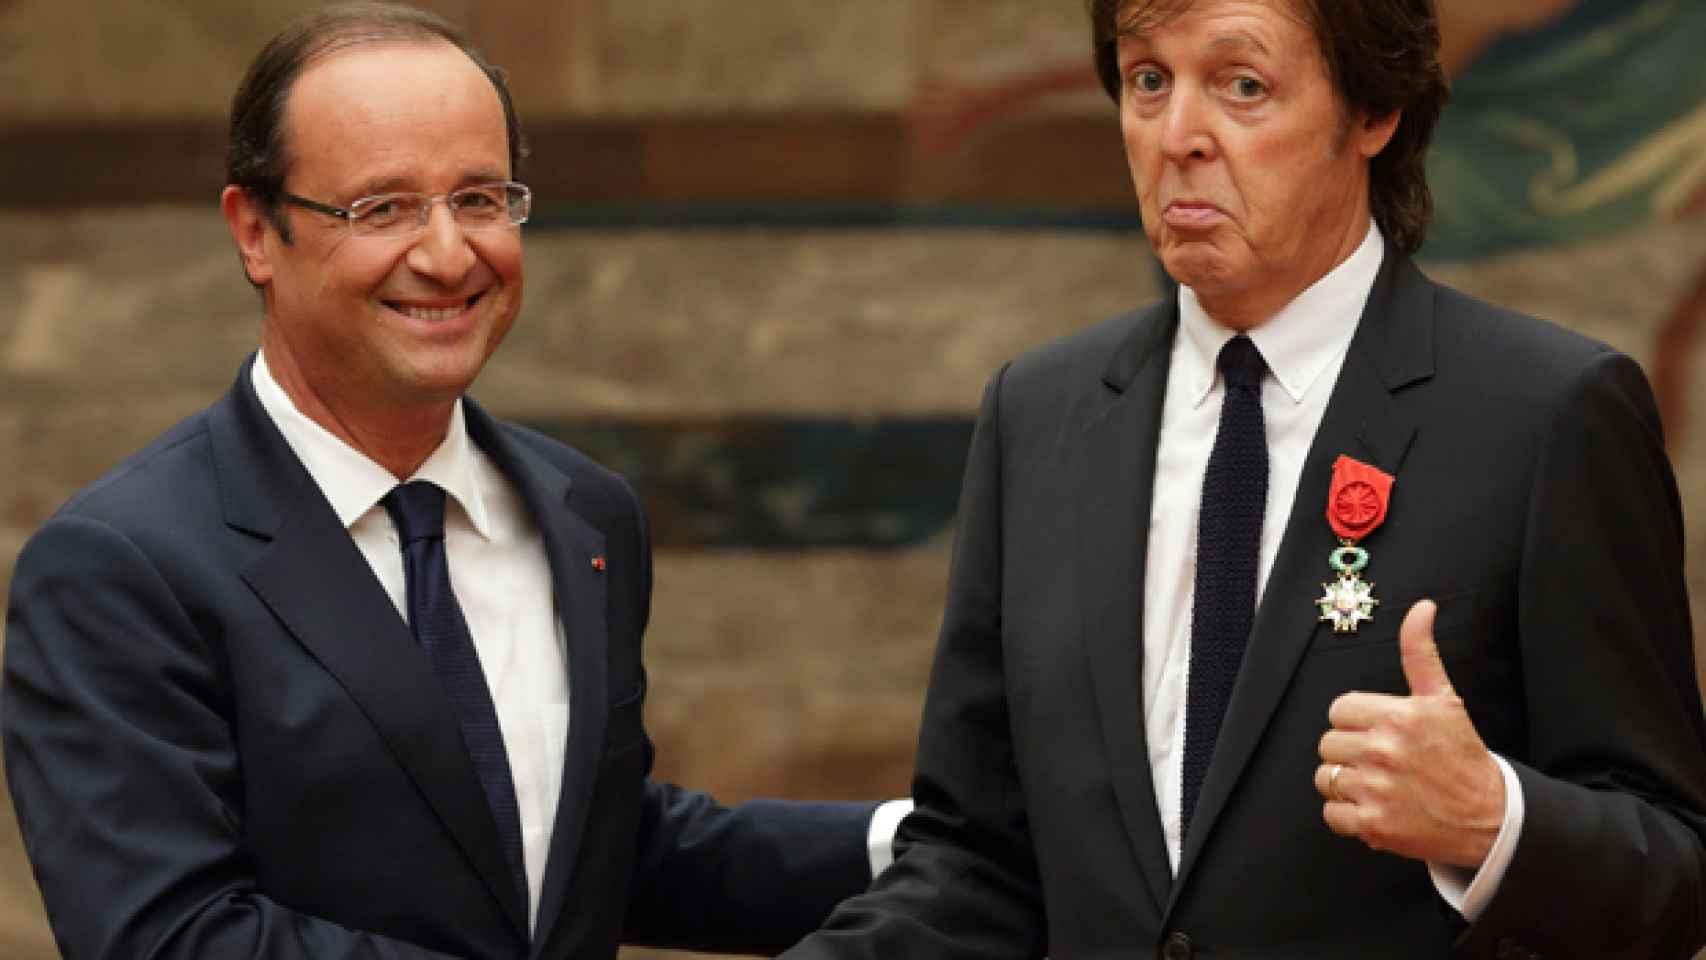 Hollande con Paul McCartney durante la entrega de la condecoración en el Elíseo